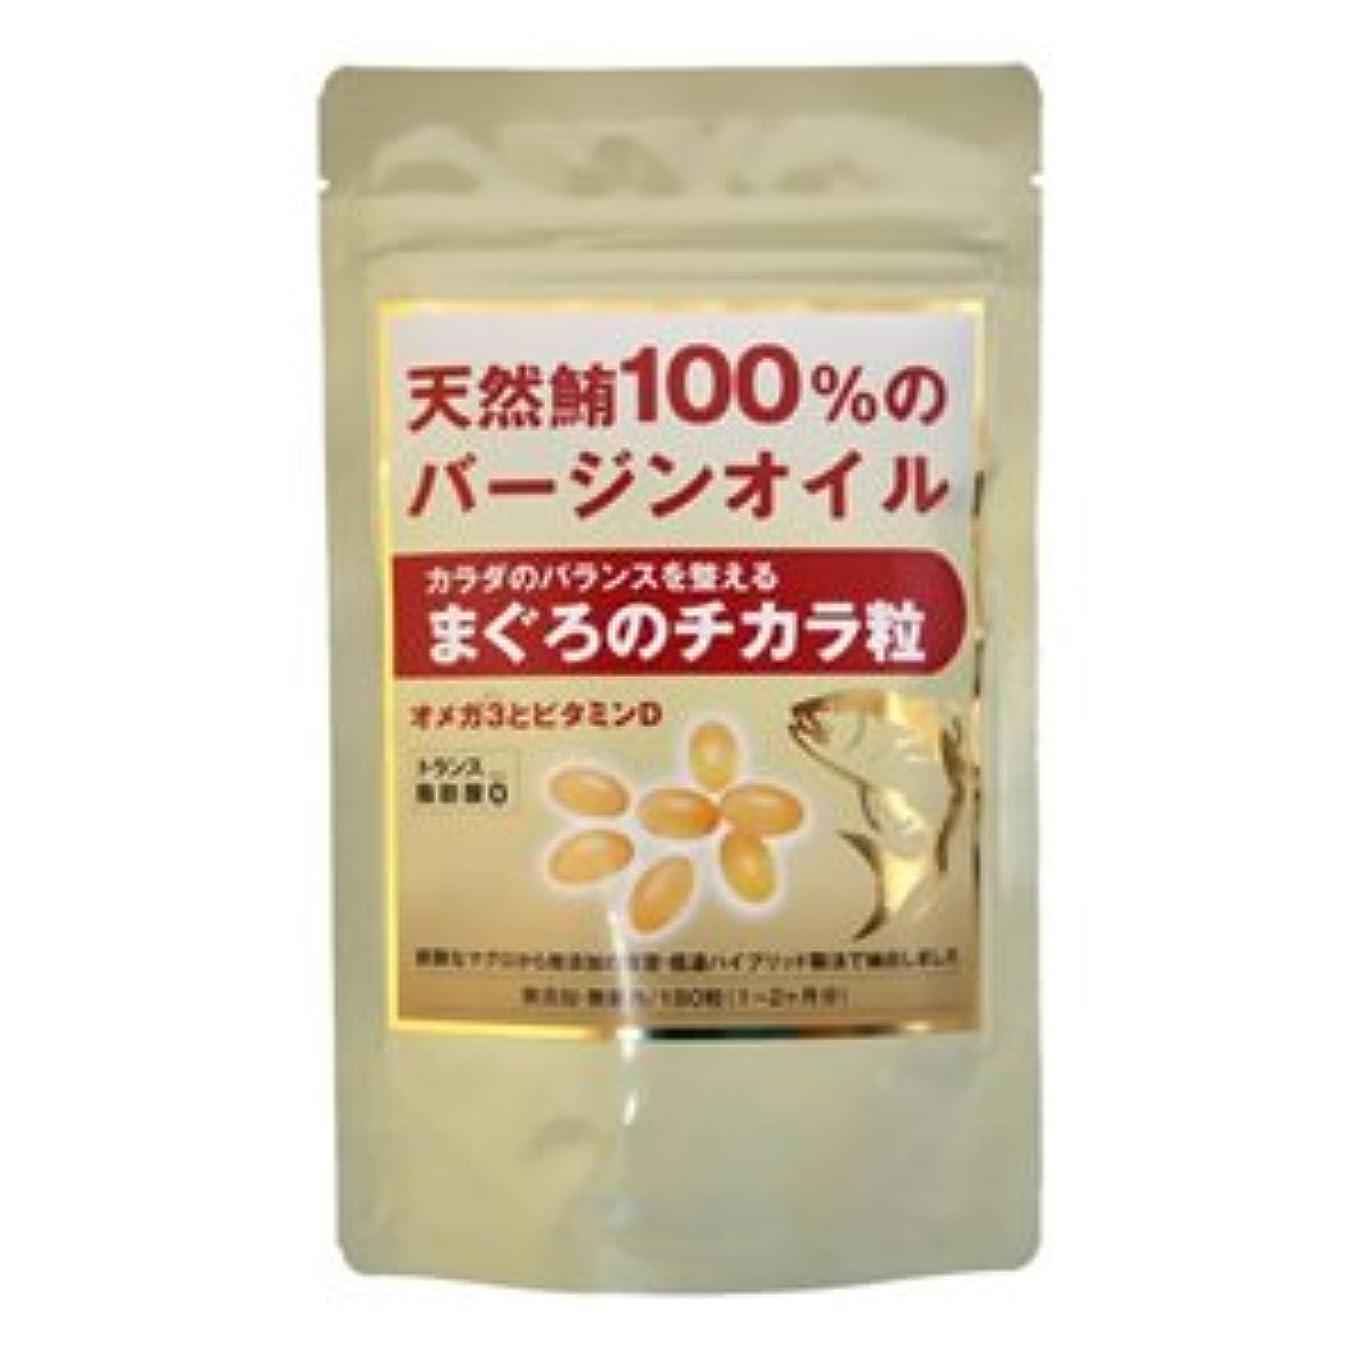 学ぶ不条理人種まぐろのチカラ粒 180粒 3個セット ※マグロの栄養素をできる限り損なわずに抽出しました!